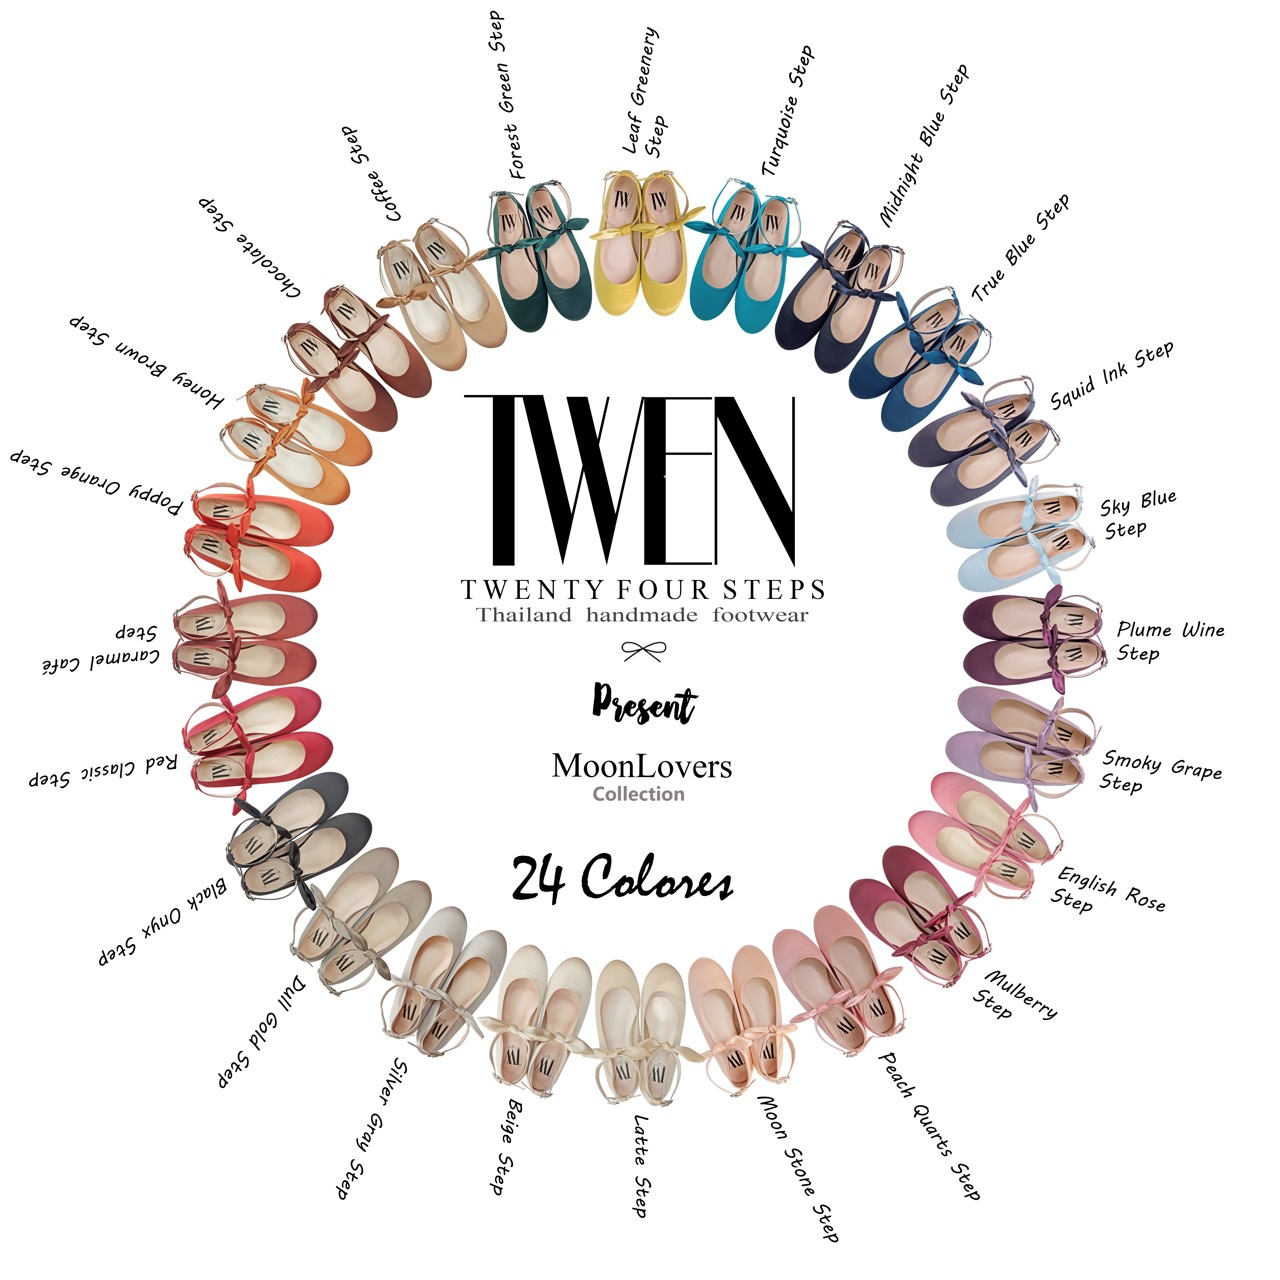 Twentyfoursteps,women,ผู้หญิง,รองเท้า,รองเท้าผู้หญิง,รองเท้าหุ้มส้น